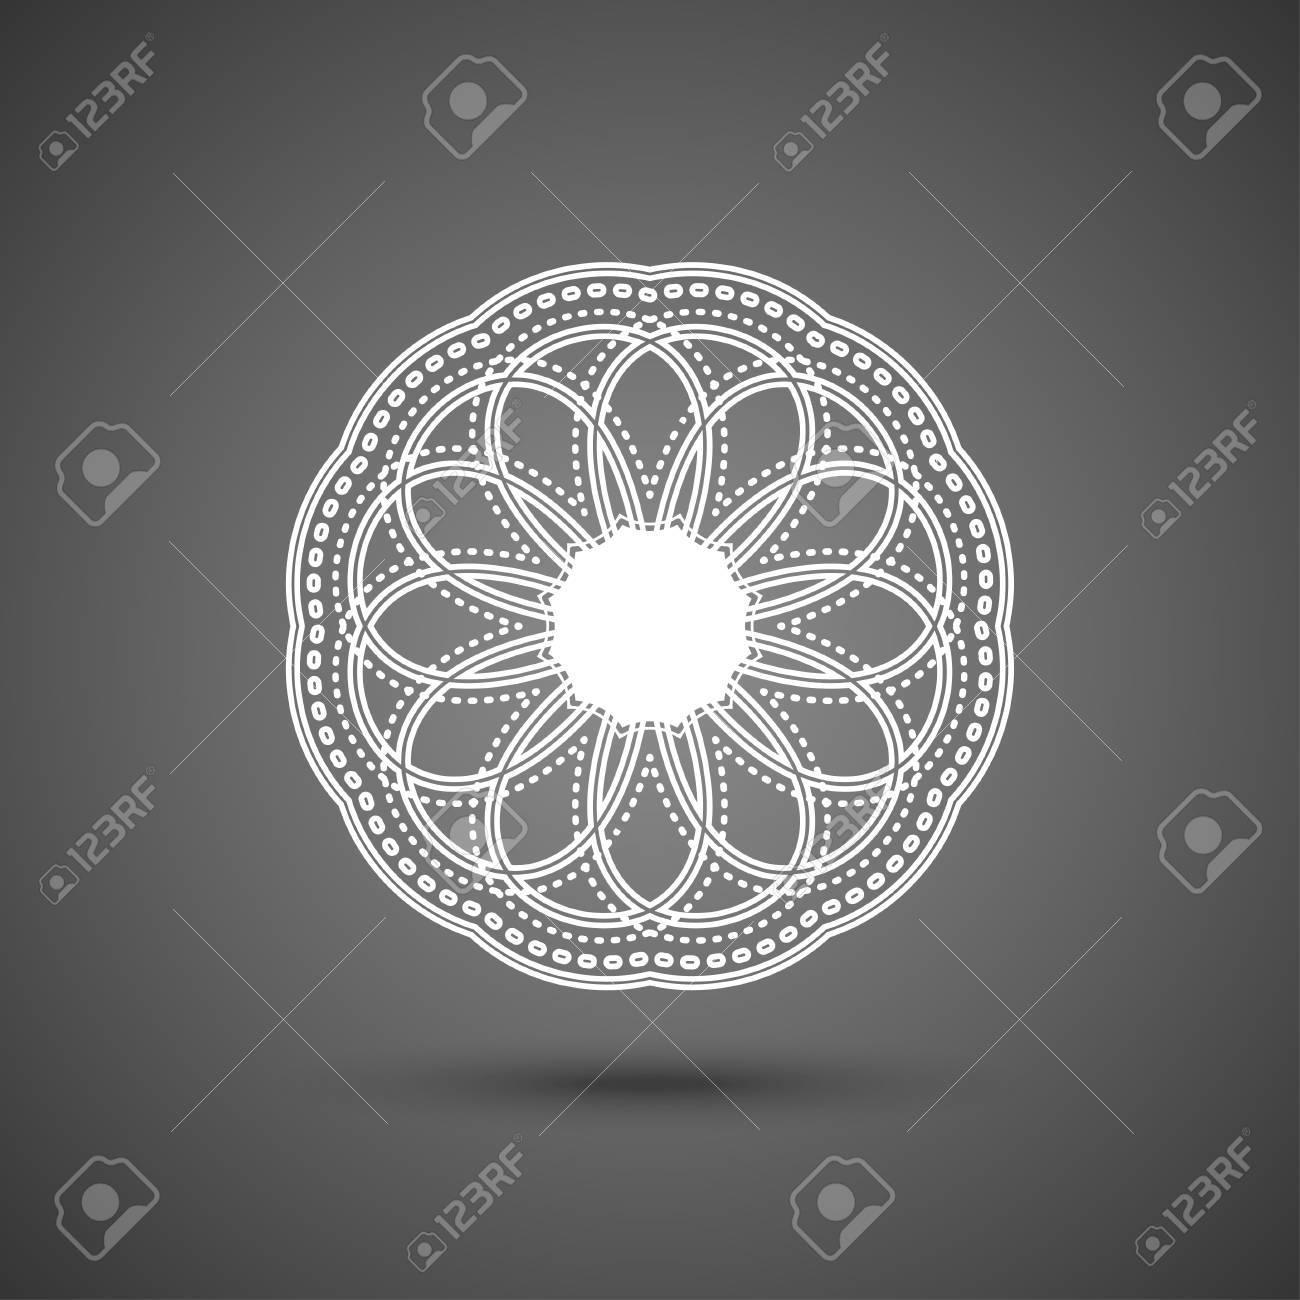 Papier Spitzendeckchen, Mandala, Rund Häkeln Ornament, Vektor ...